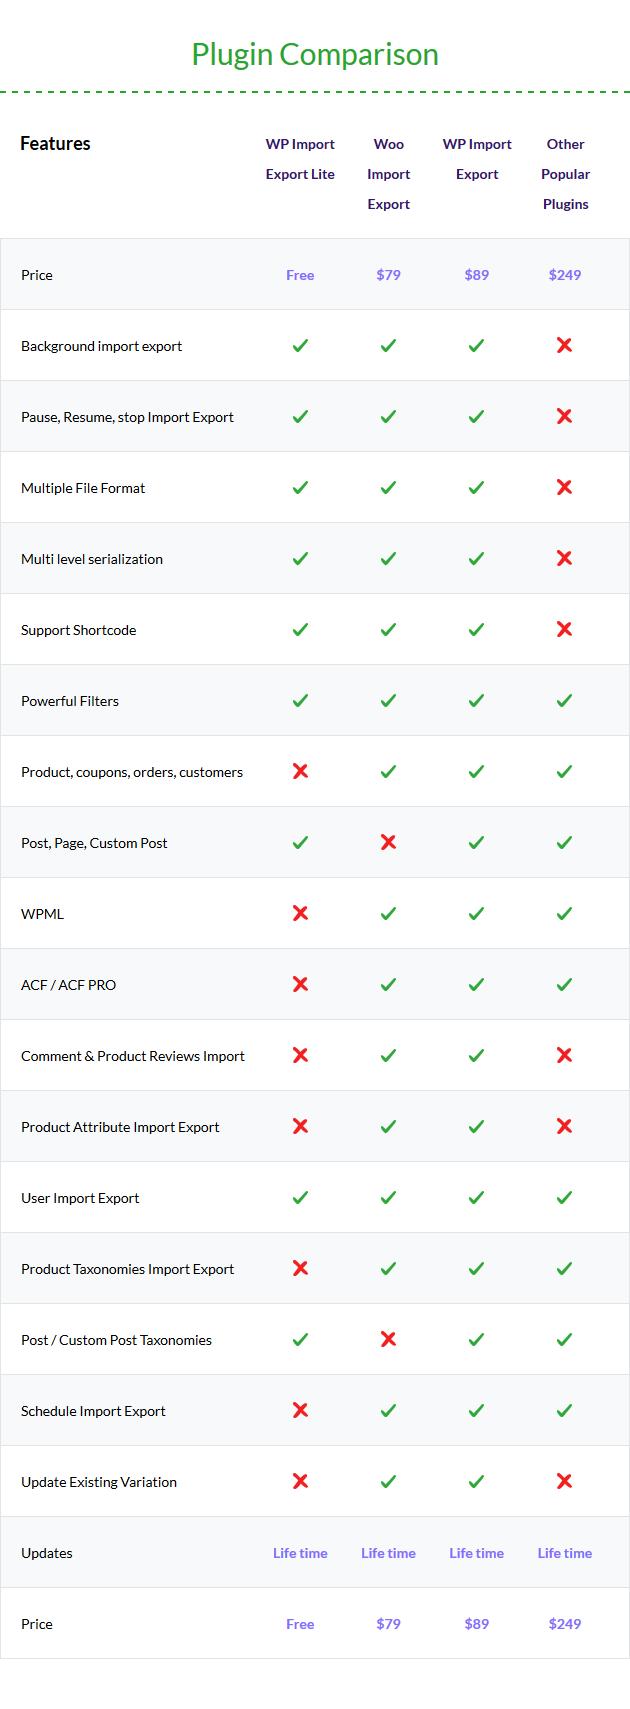 WordPress データのインポート、エクスポートプラグイン比較表